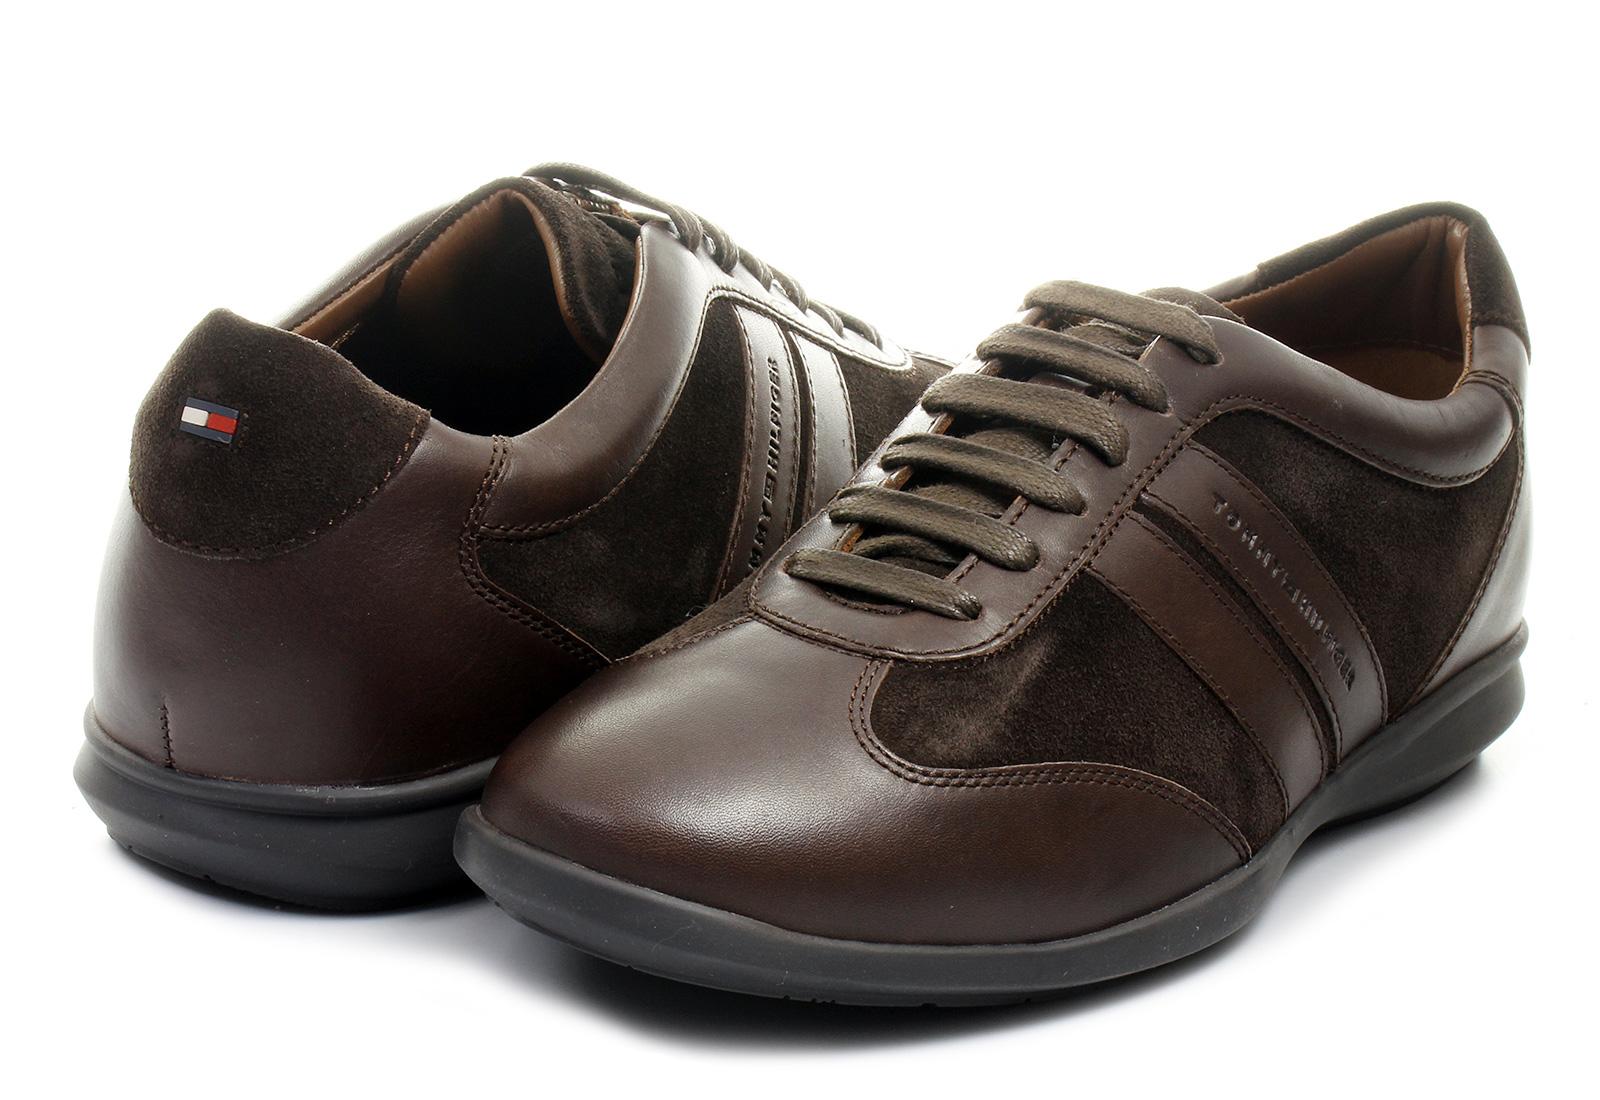 294aaecff Tommy Hilfiger Shoes - Oliver 14c - 15F-9957-211 - Online shop for ...